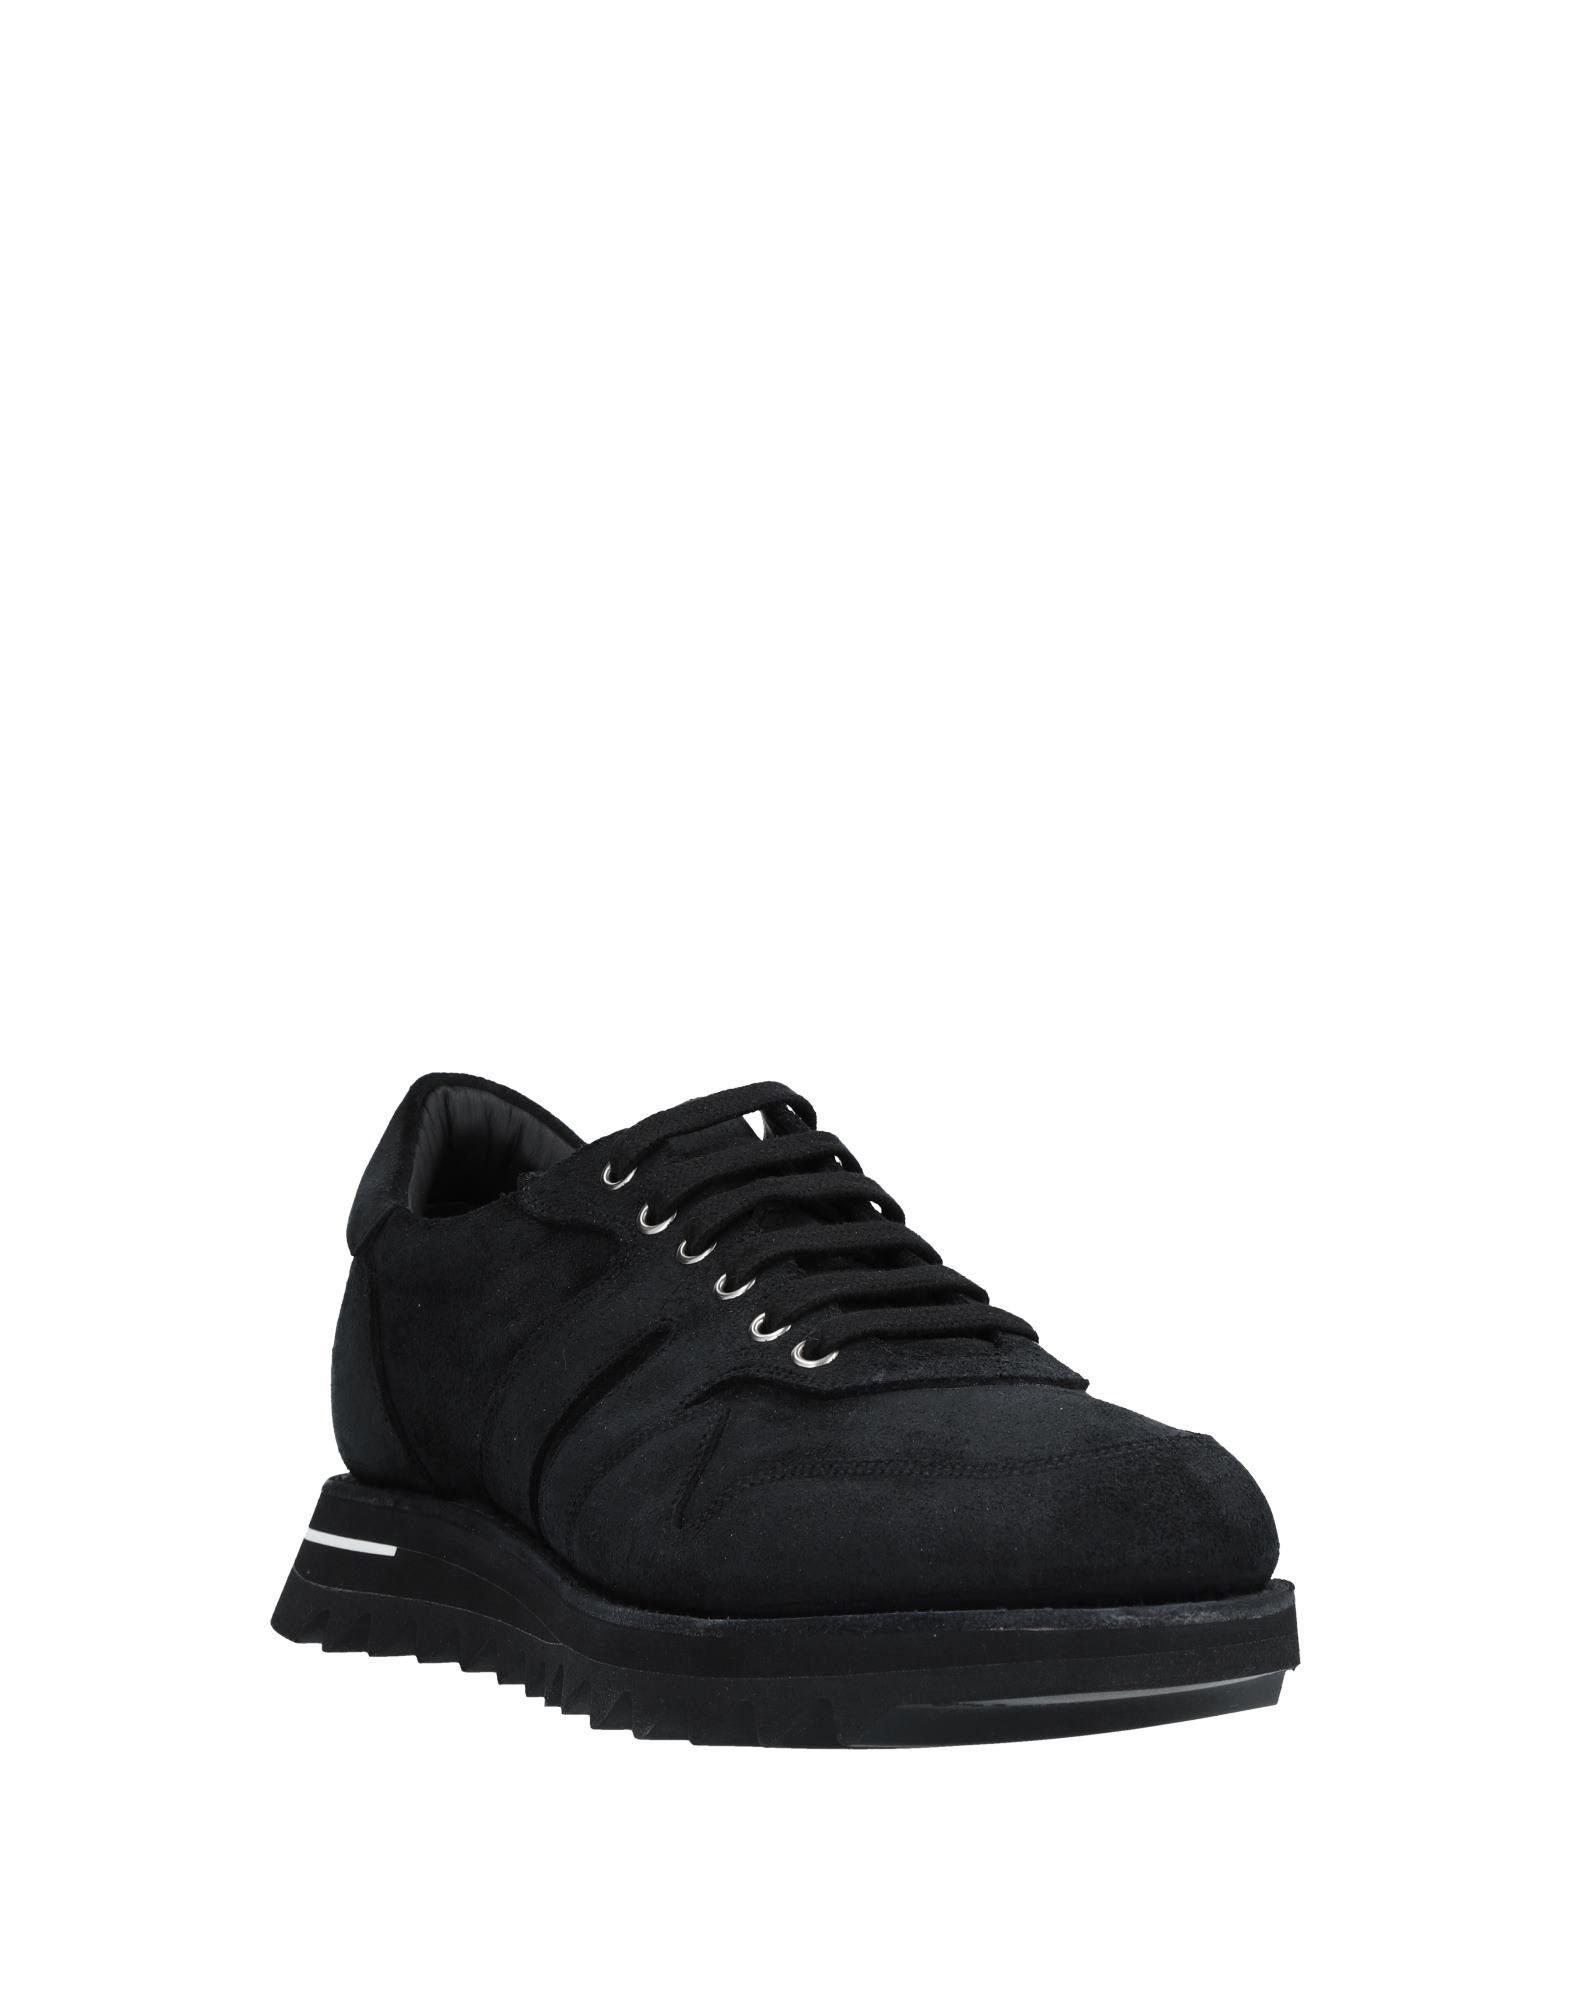 Premiata Sneakers Herren  11531154SL Gute Qualität beliebte Schuhe